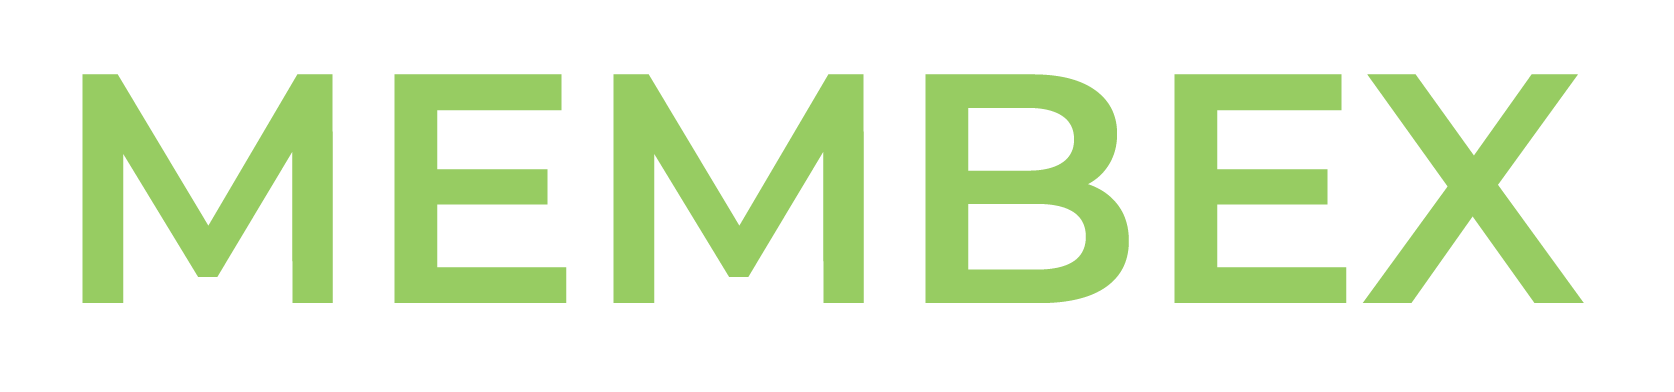 Membex